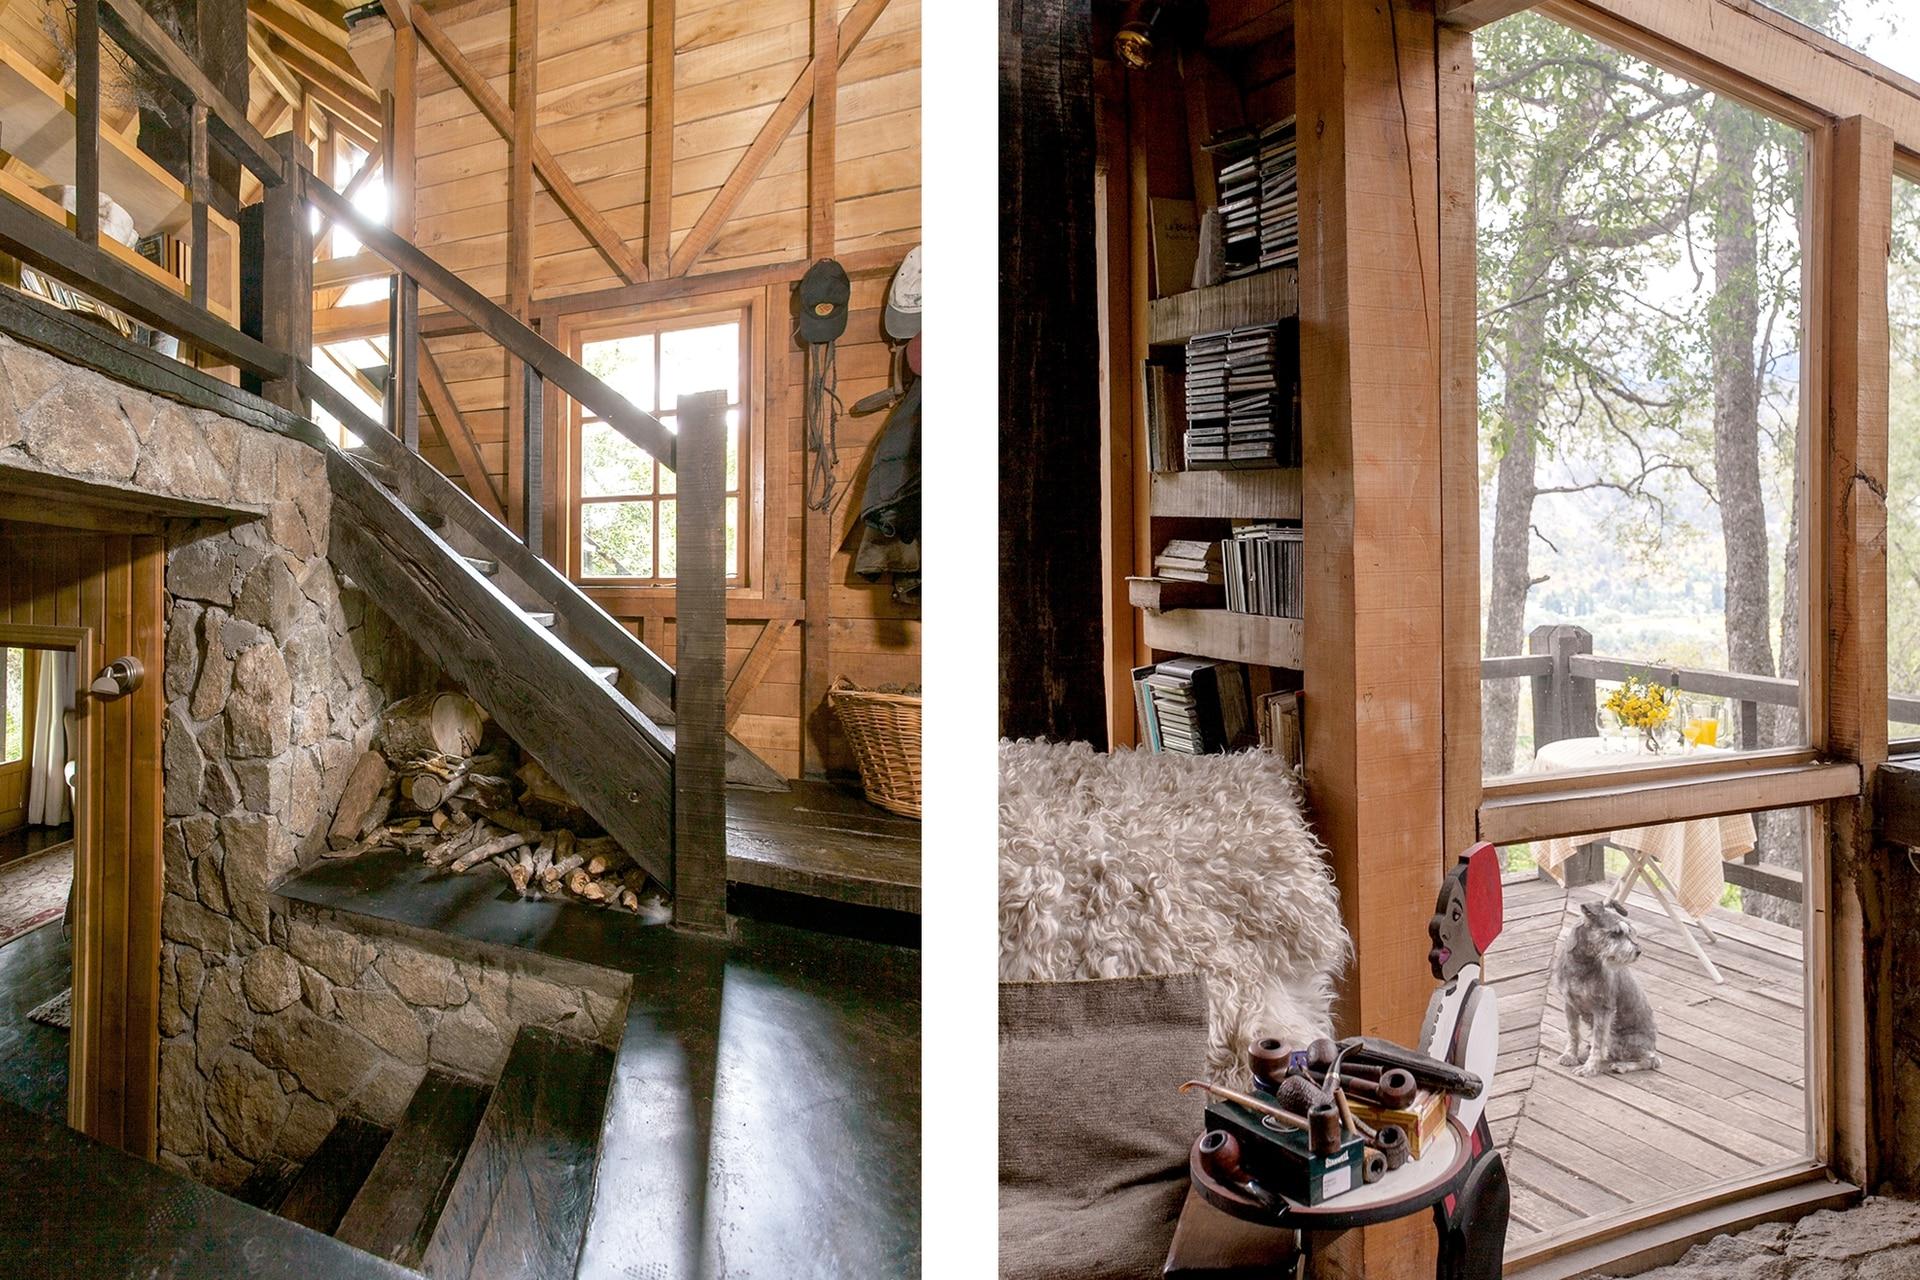 El bajoescalera se aprovechó para acopiar la madera indispensable para el invierno.